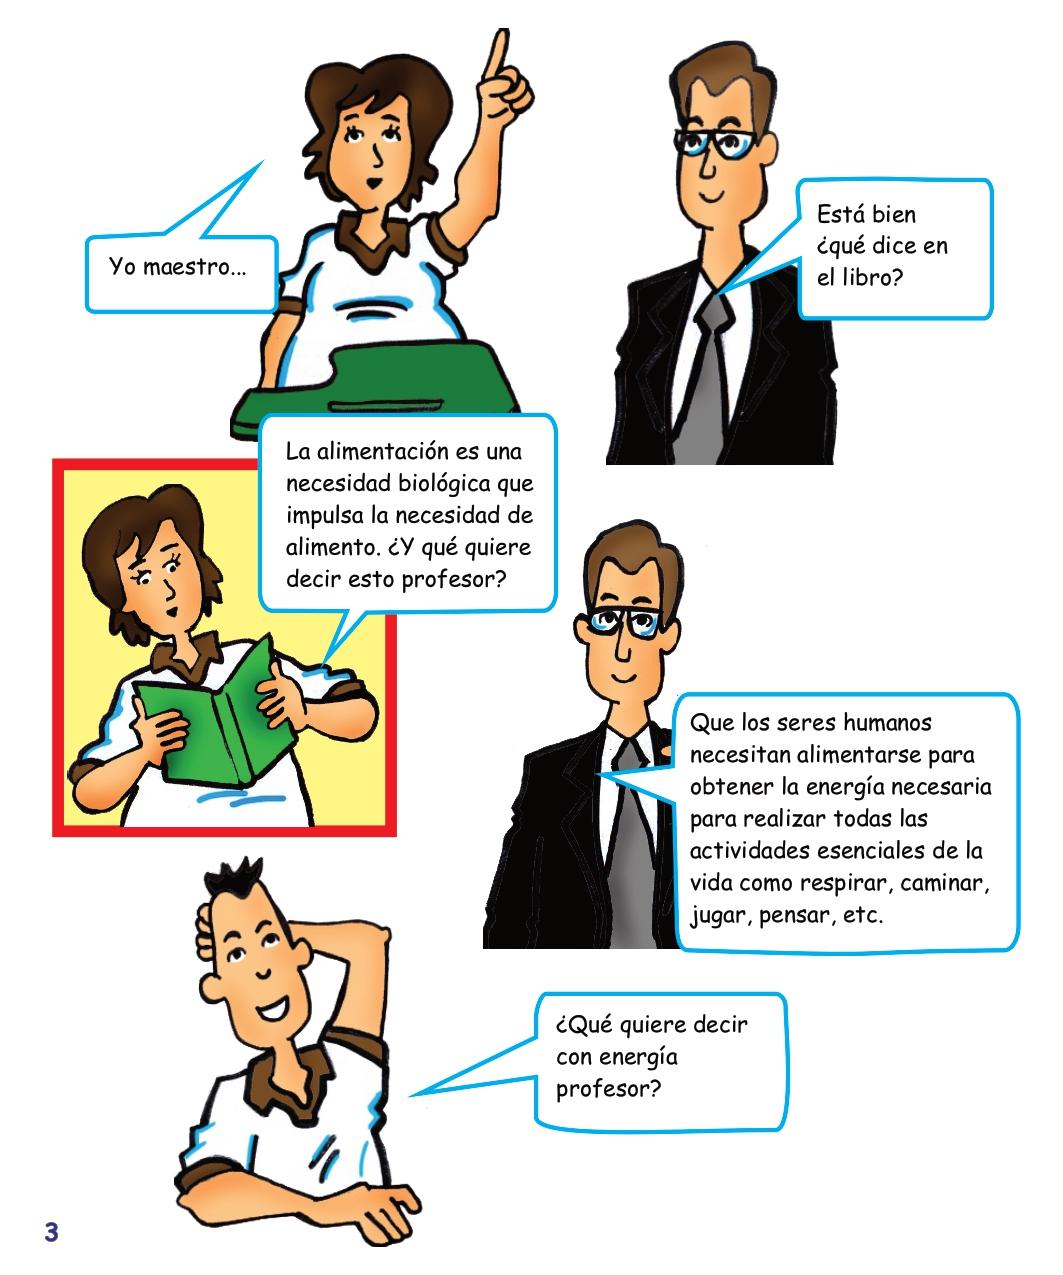 Psicología adolescentes Reyhan cap1 digital_page-0006